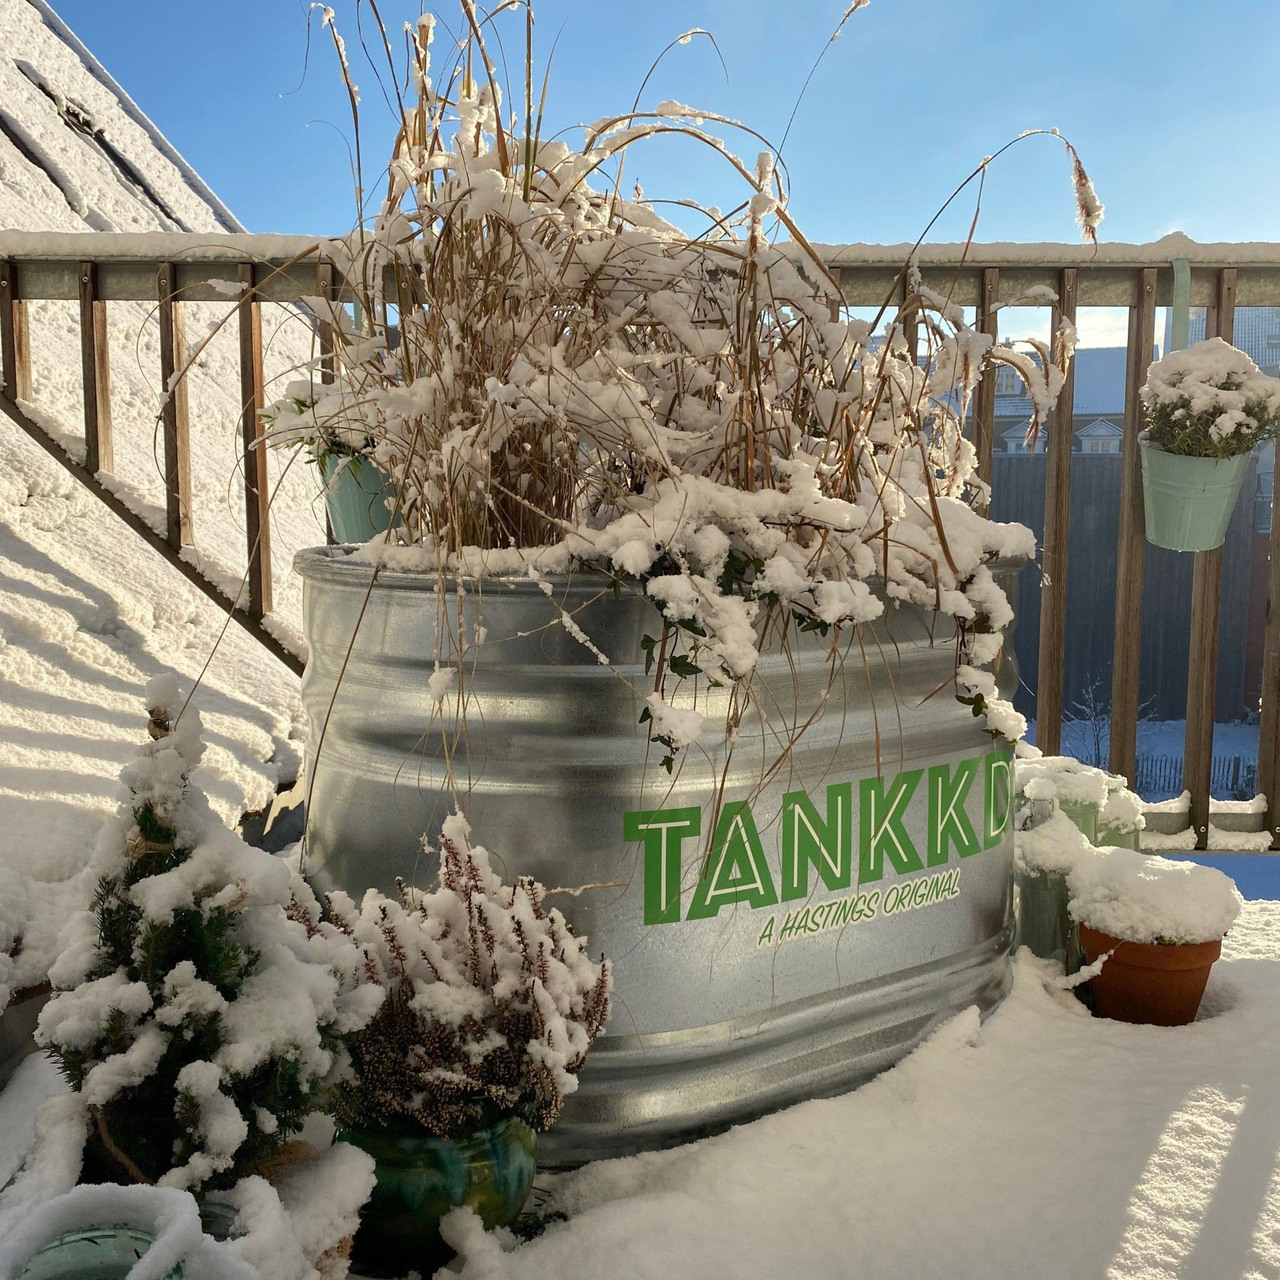 Ovaler Tank für Pflanzen, als Duschwanne oder Kinderplanschbecken